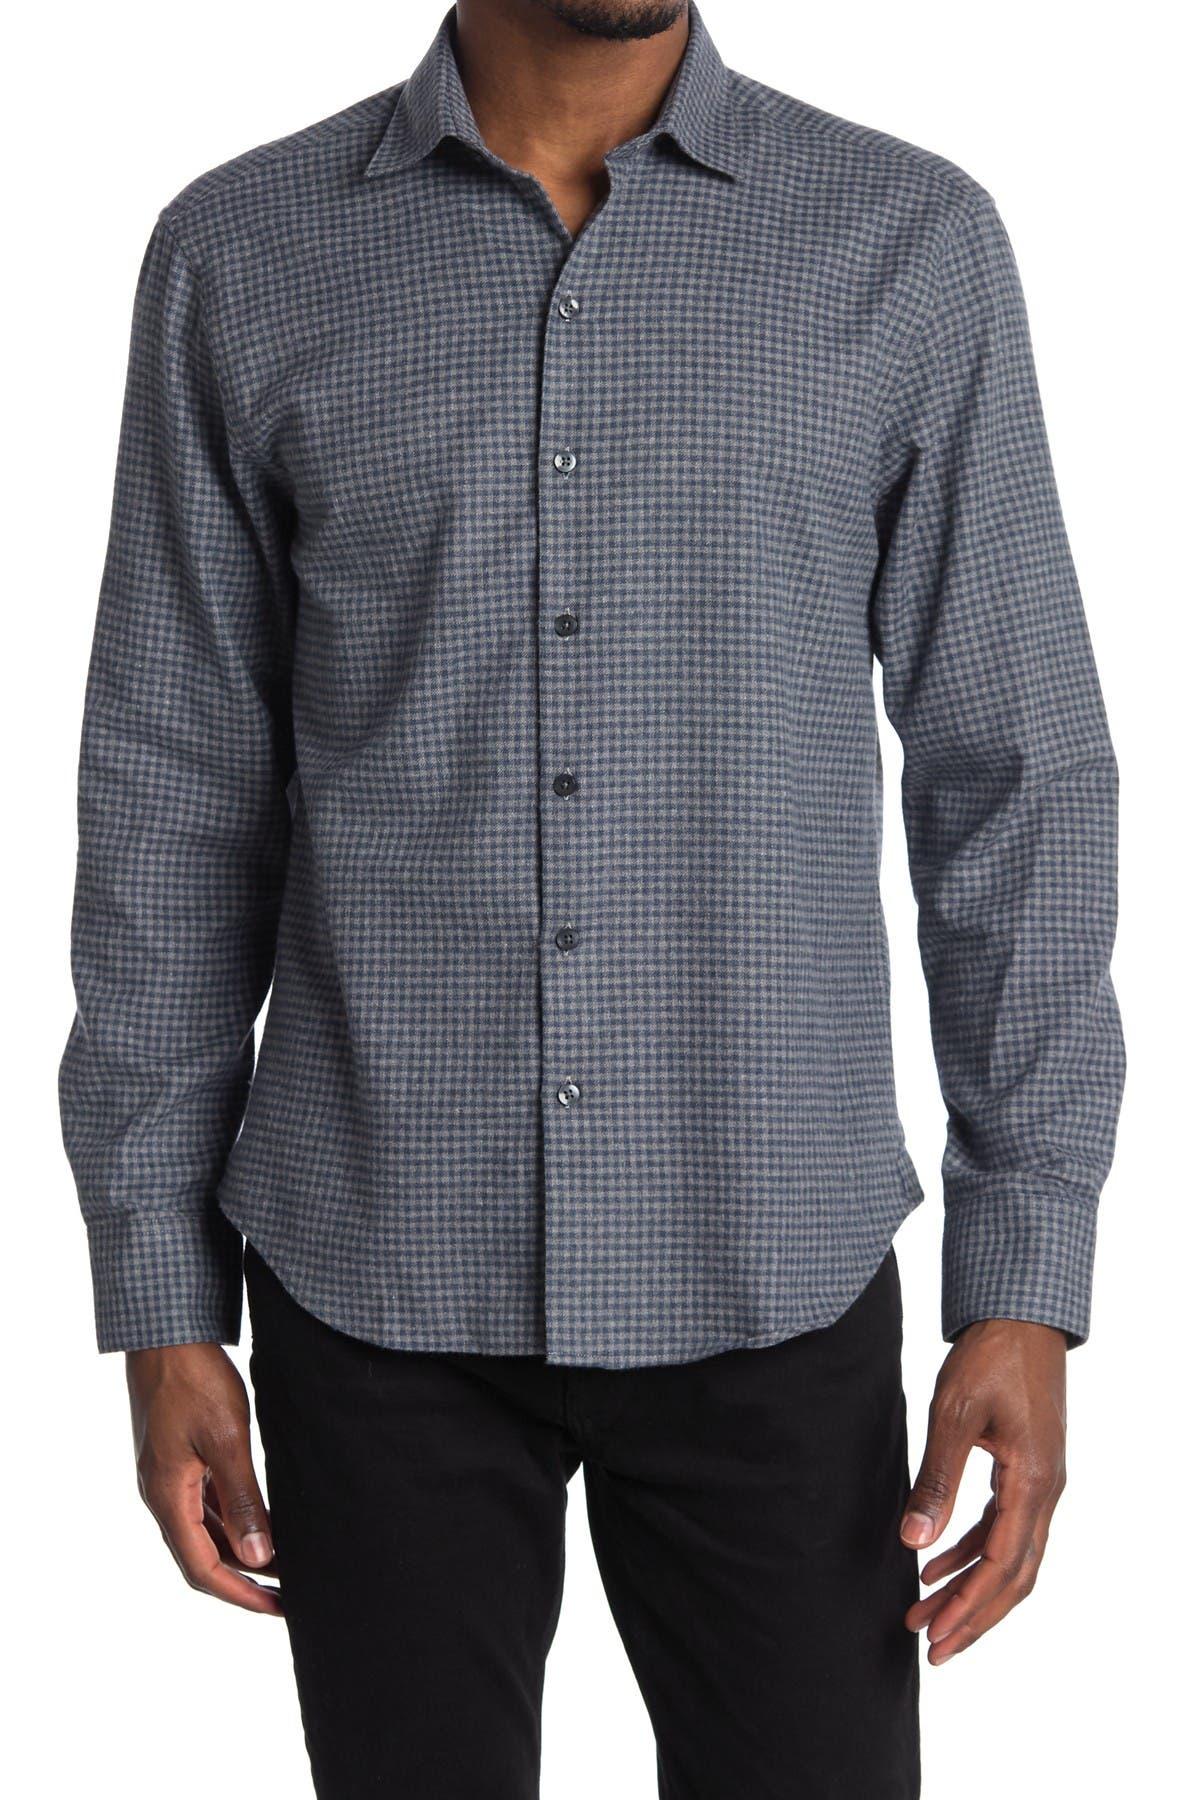 Image of ROBERT BARAKETT Brentwood Long Sleeve Woven Shirt